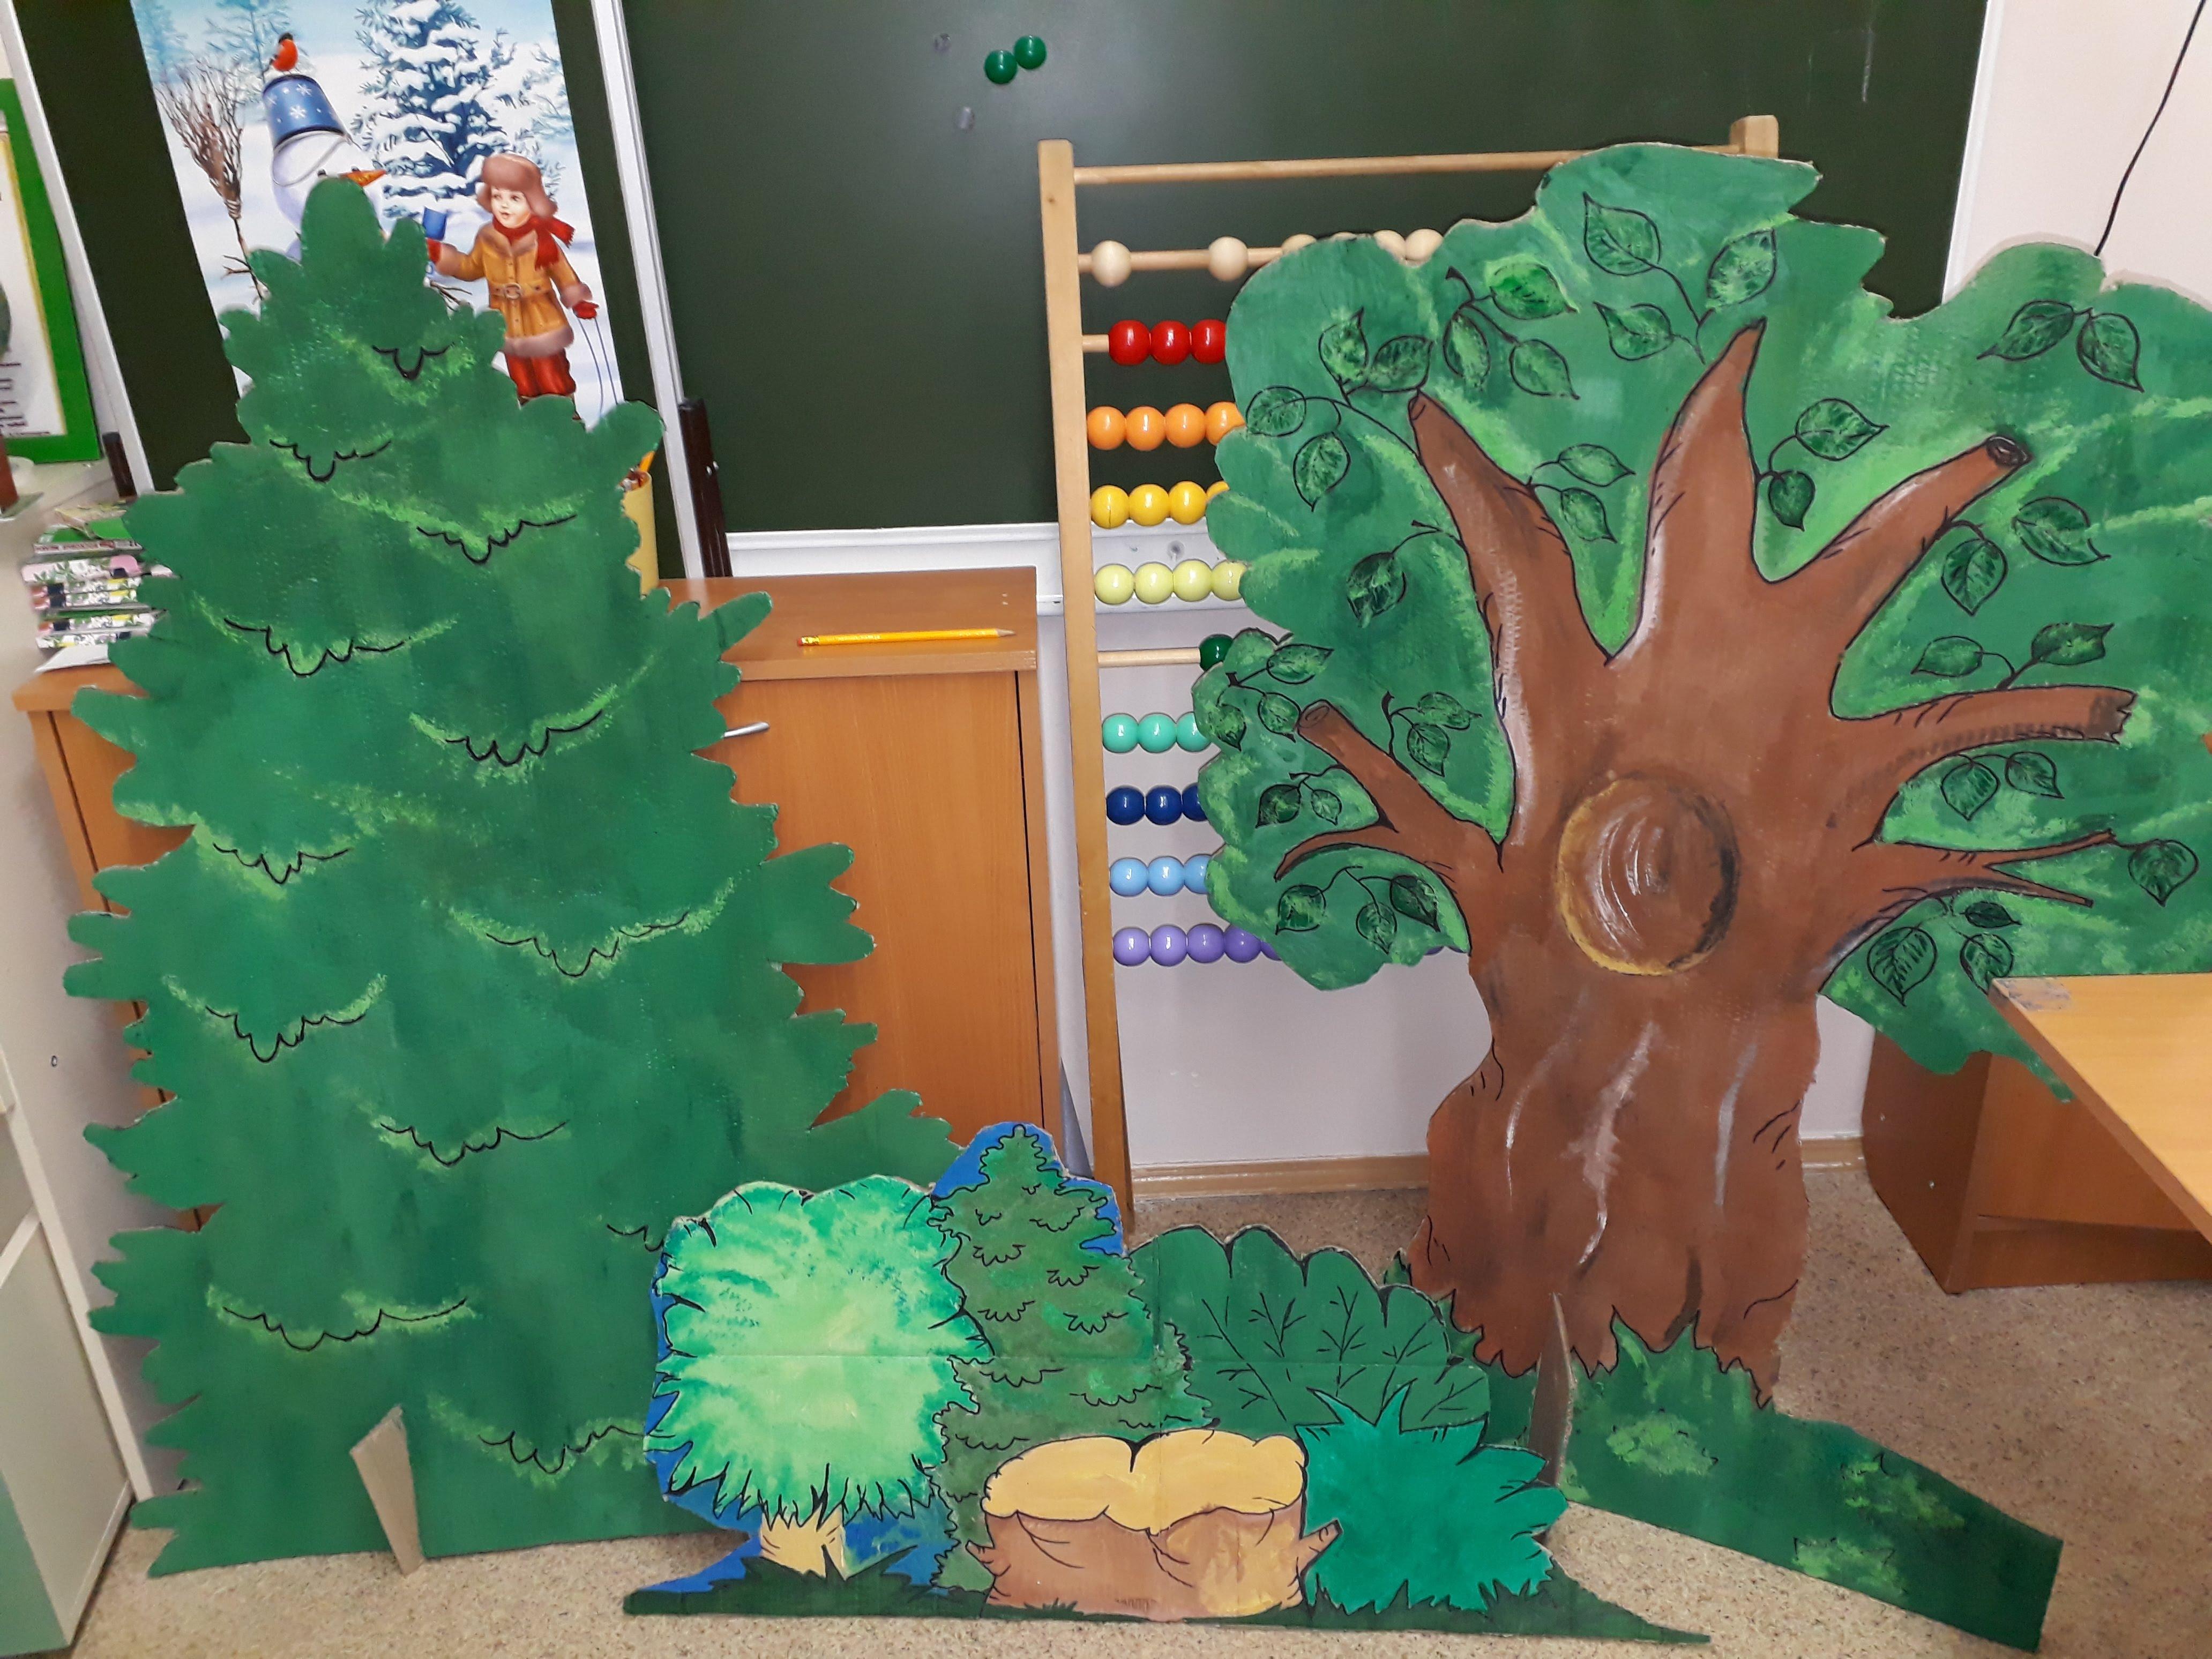 Картинка дерево декорации для кукольного спектакля болезнь, которая